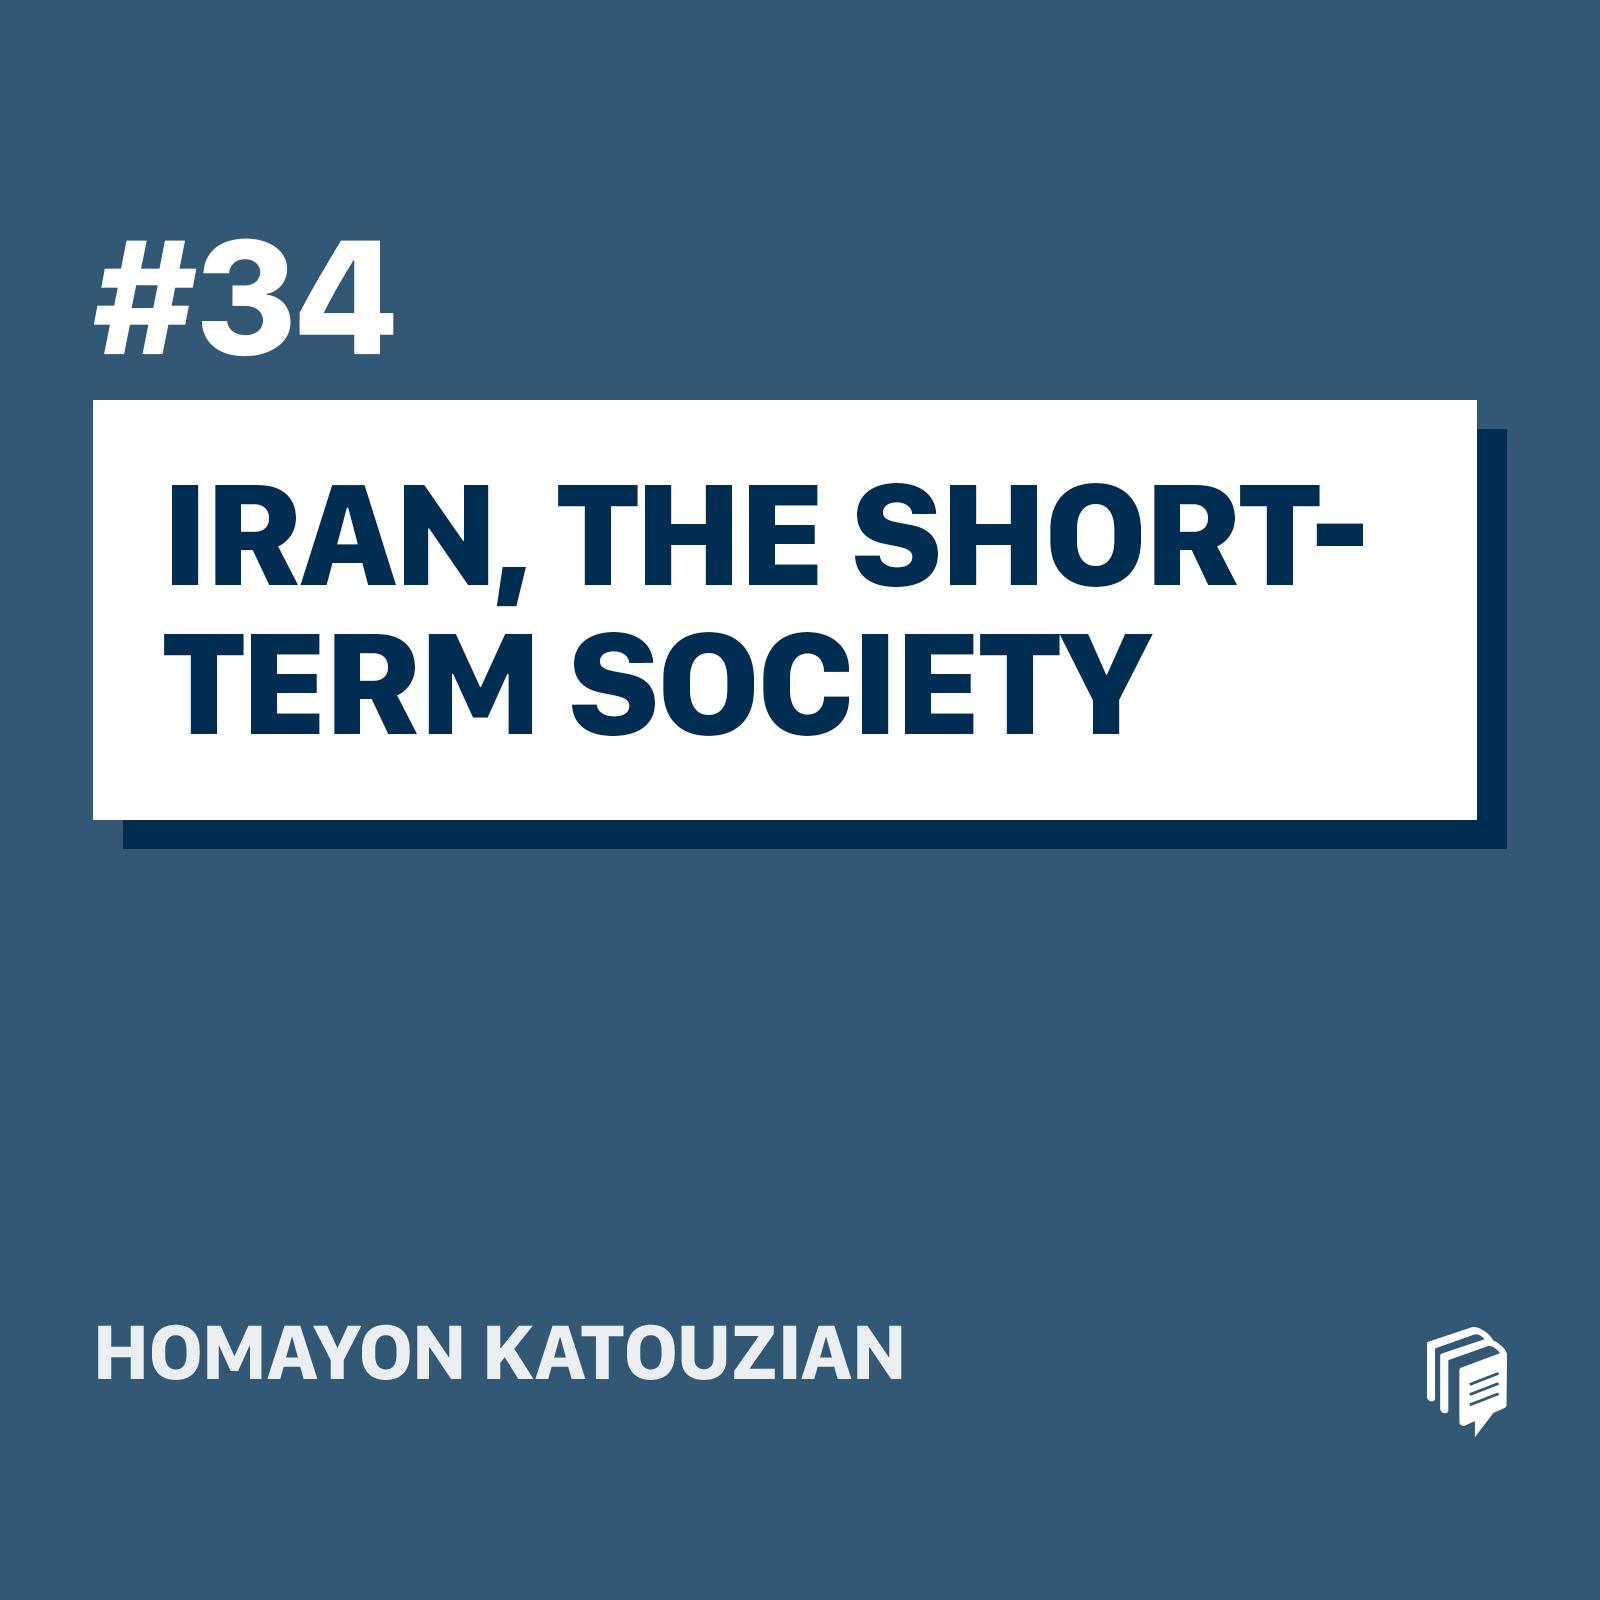 خلاصه کتاب ایران جامعه کوتاه مدت